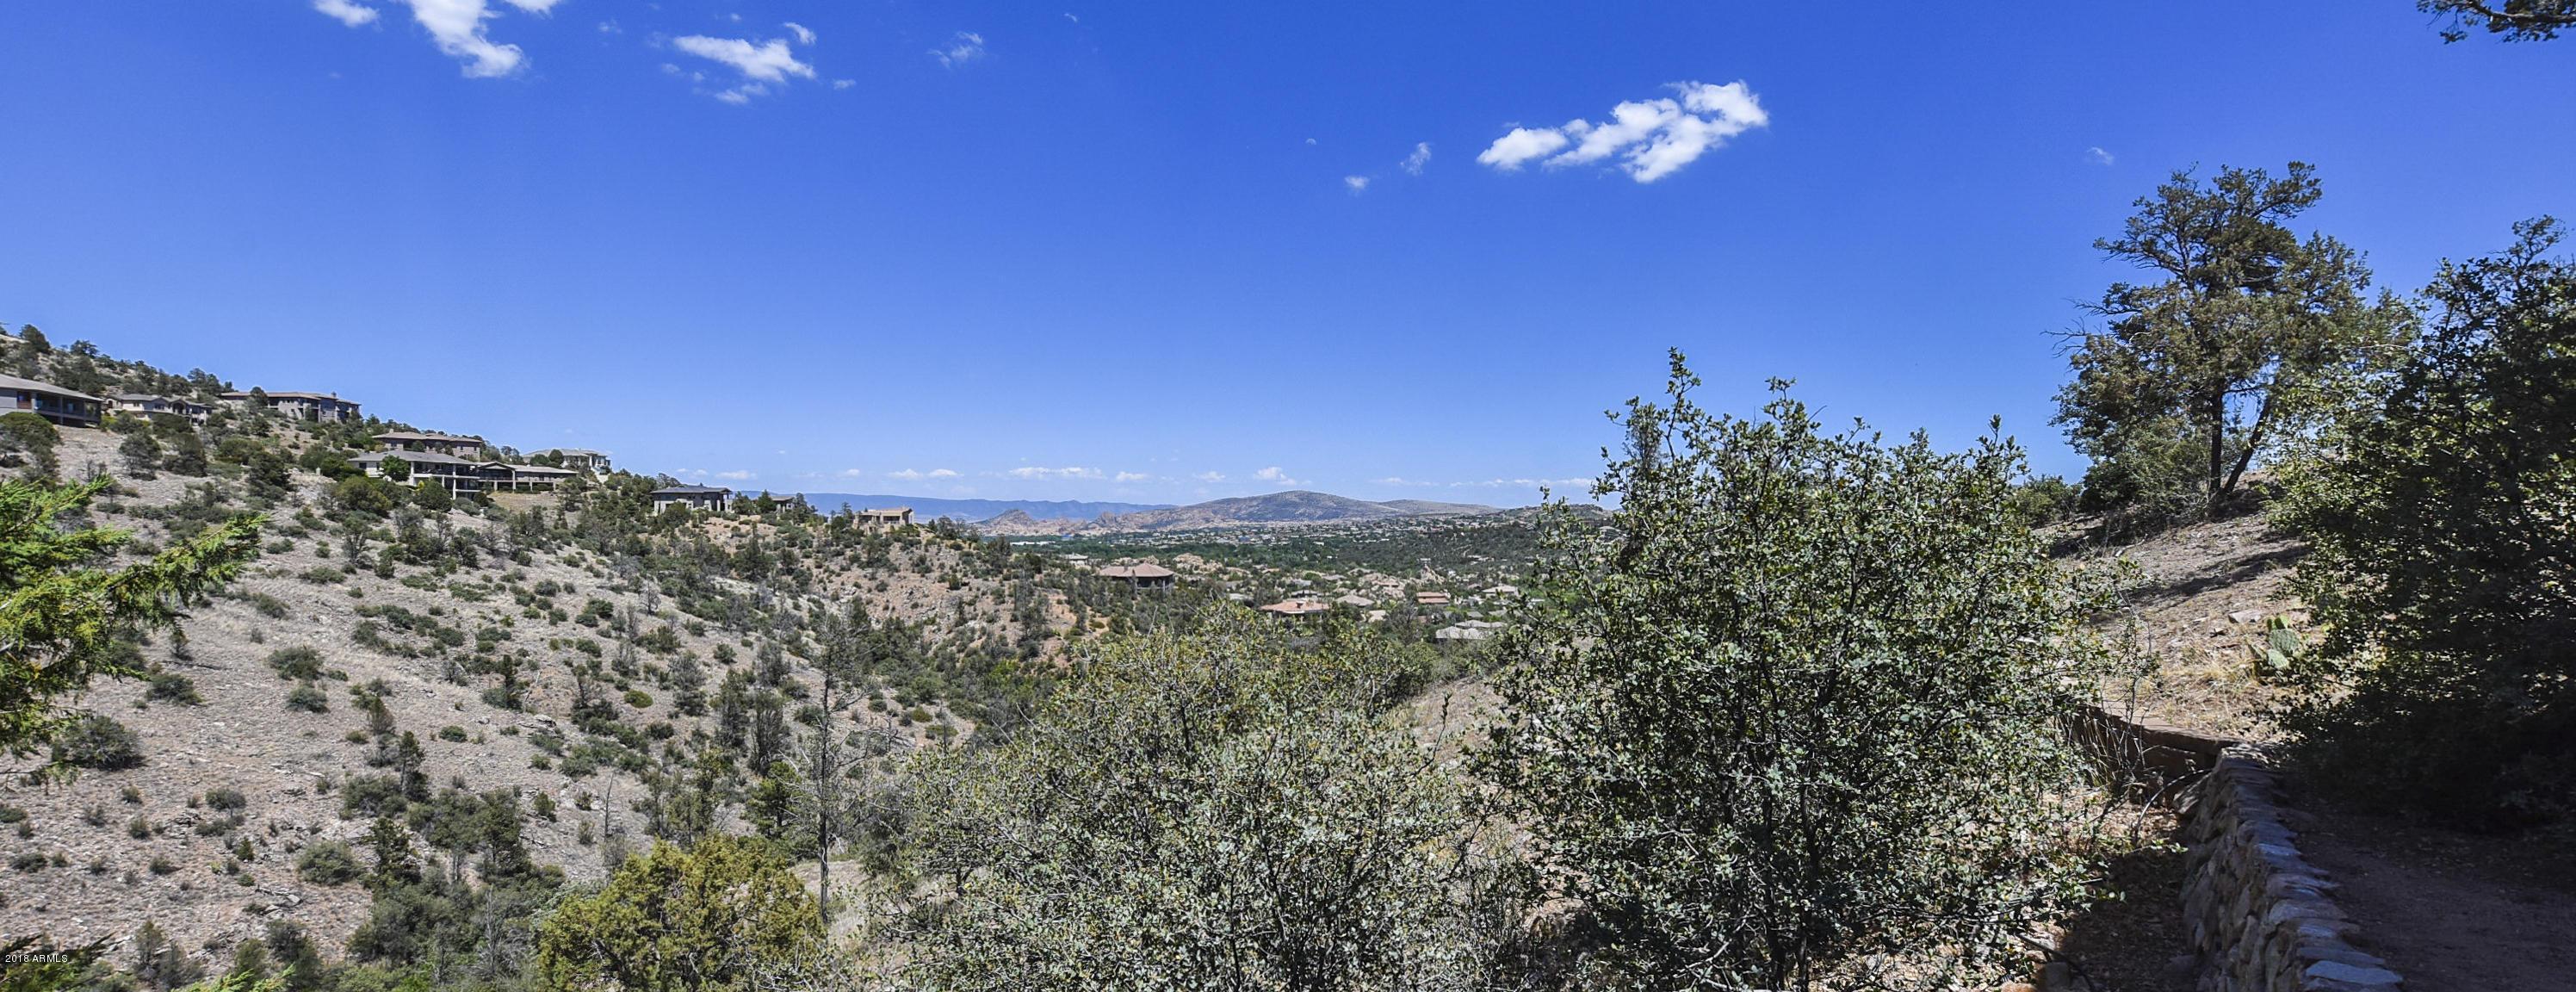 2950 SOUTHPARK -- # 153, Prescott, Arizona 86305, ,Land,For Sale,2950 SOUTHPARK -- # 153,5892269